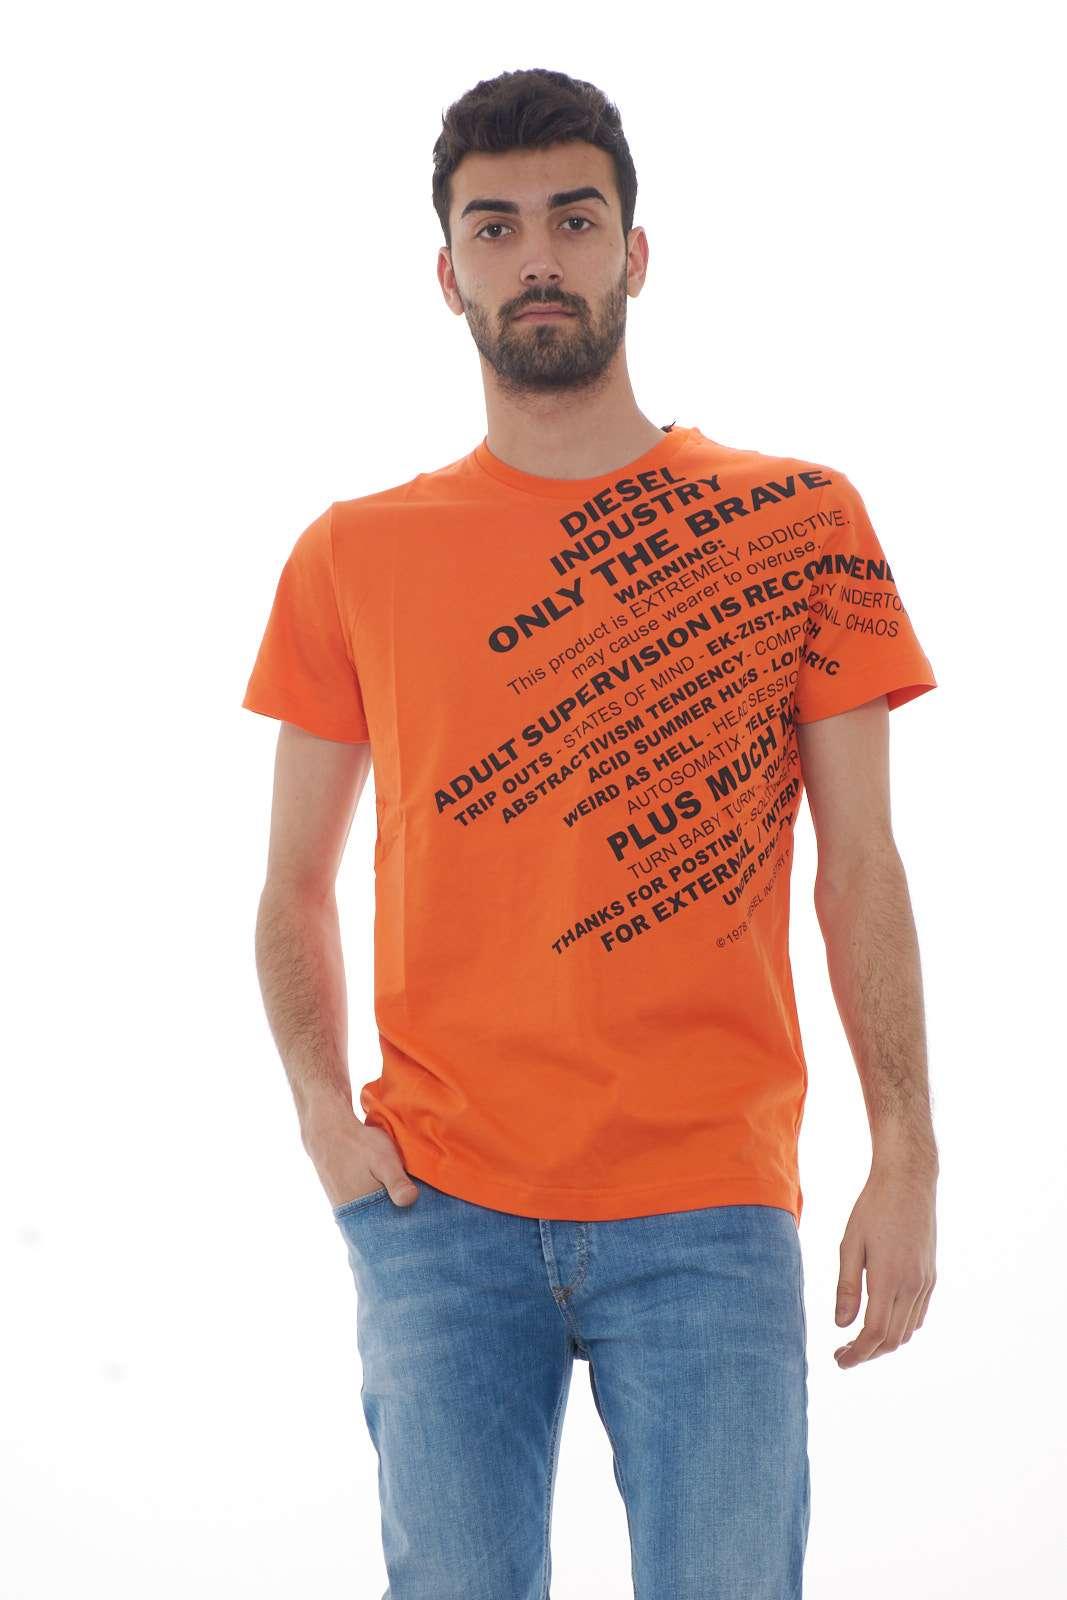 Una t shirt iconica e moderna, la T-DIEGO-S3 proposta da Diesel per la tua primavera estate. Perfetta per outfit casual e curati, al passo con le tendenze e non troppo impegnativi.